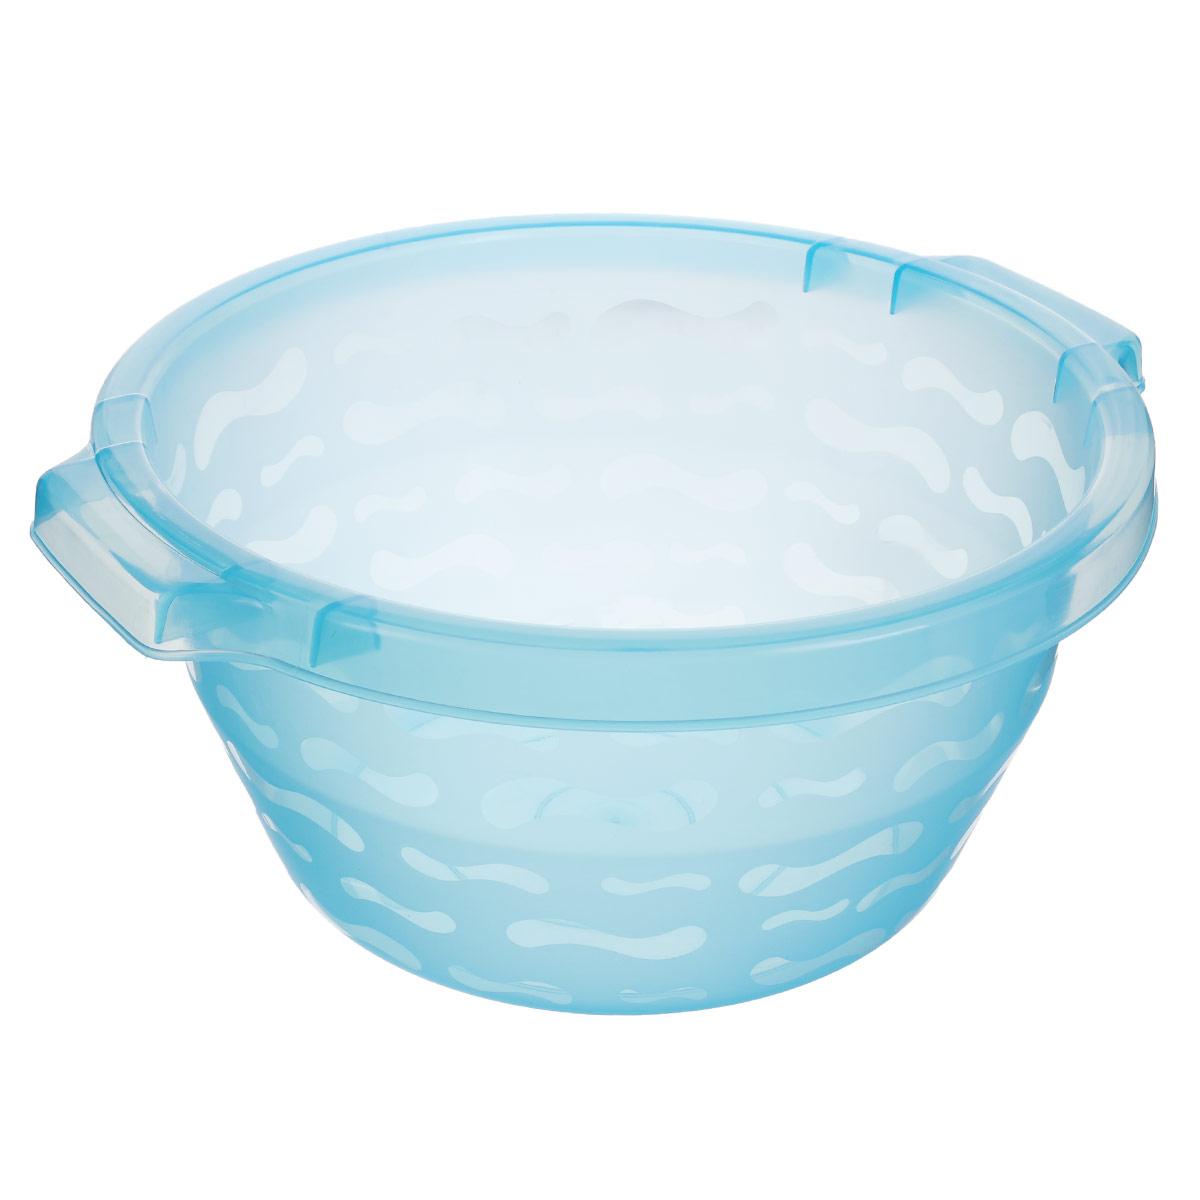 Таз Gensini, цвет: голубой, 8,5 л2430_голубойТаз Gensini изготовлен из высококачественного полупрозрачного пластика. Он выполнен в классическом круглом варианте. Для удобного использования таз снабжен двумя ручками. Благодаря легкости и современному дизайну таз Gensini станет незаменимым помощником и отлично впишется в интерьер вашей ванной комнаты. Диаметр таза по верхнему краю: 32 см. Высота таза: 16 см.